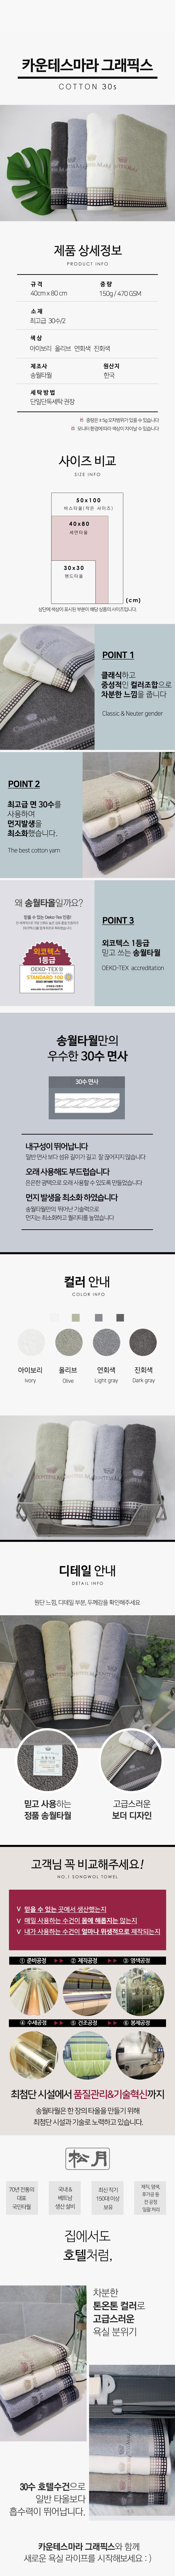 카운테스마라 그래픽스 세면타월 1매 - 송월타올, 6,200원, 수건/타올, 세면타올